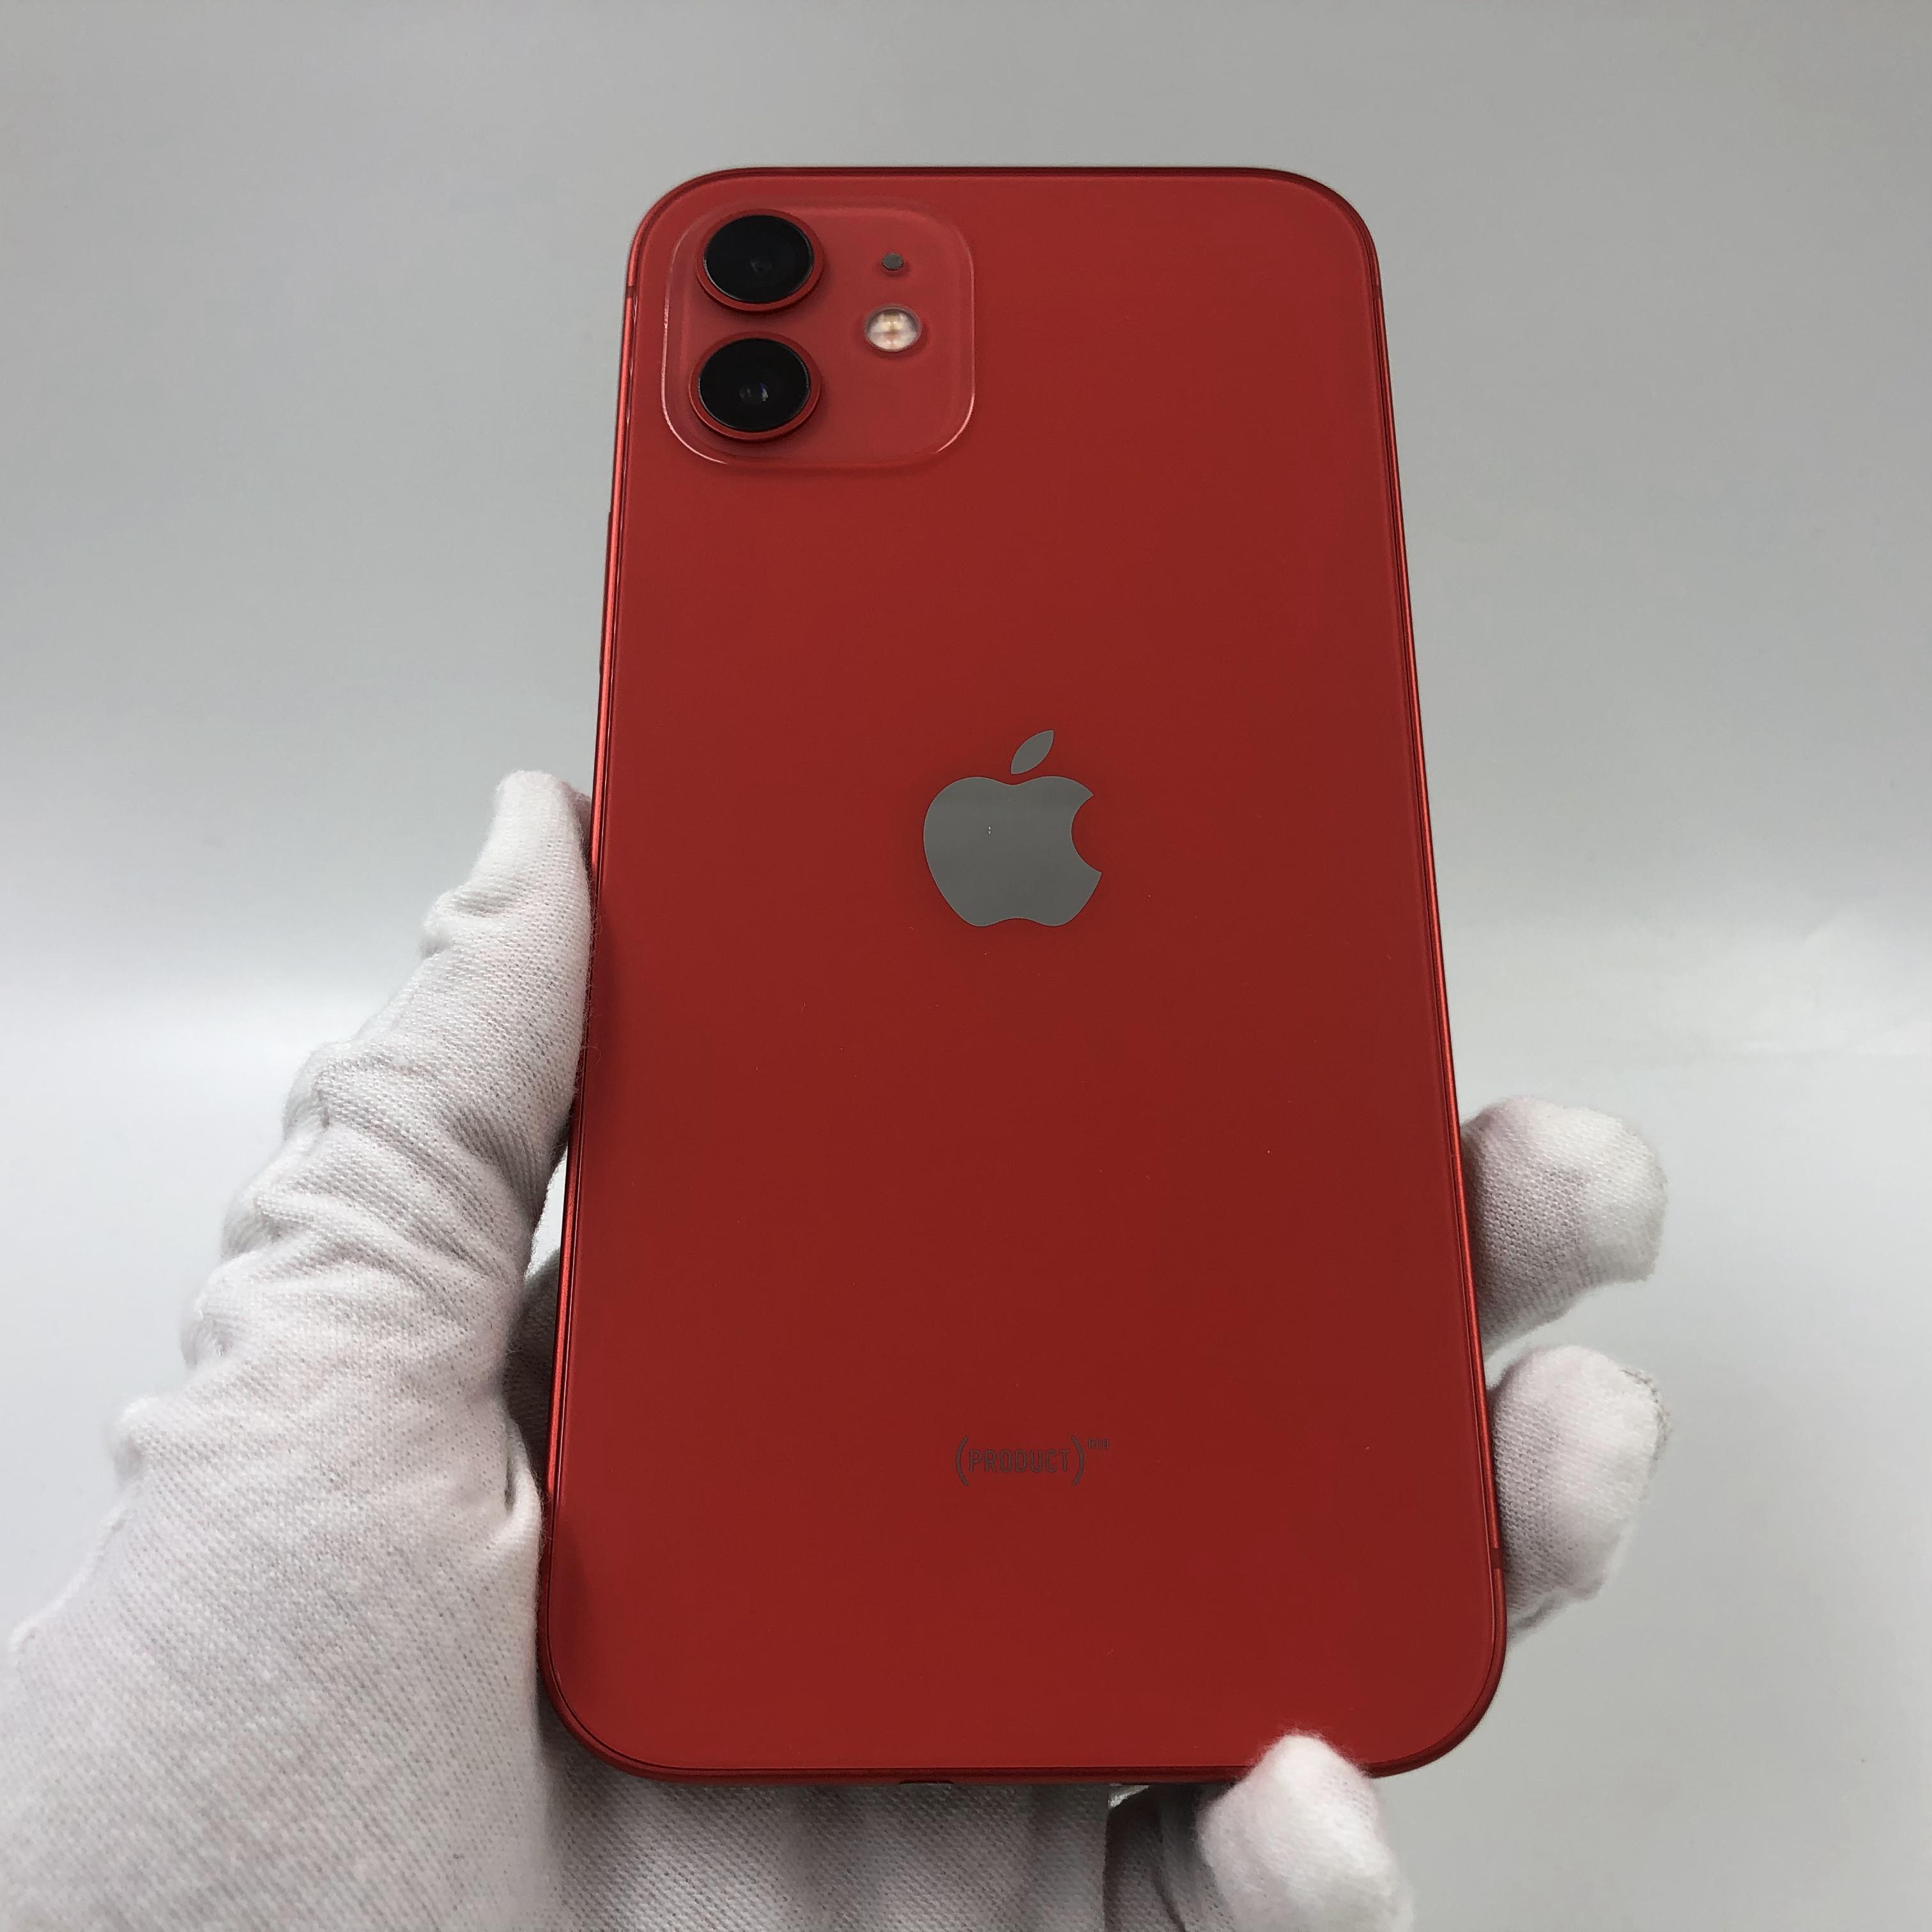 苹果【iPhone 12】5G全网通 红色 128G 国行 95新 真机实拍保修2021-11-11